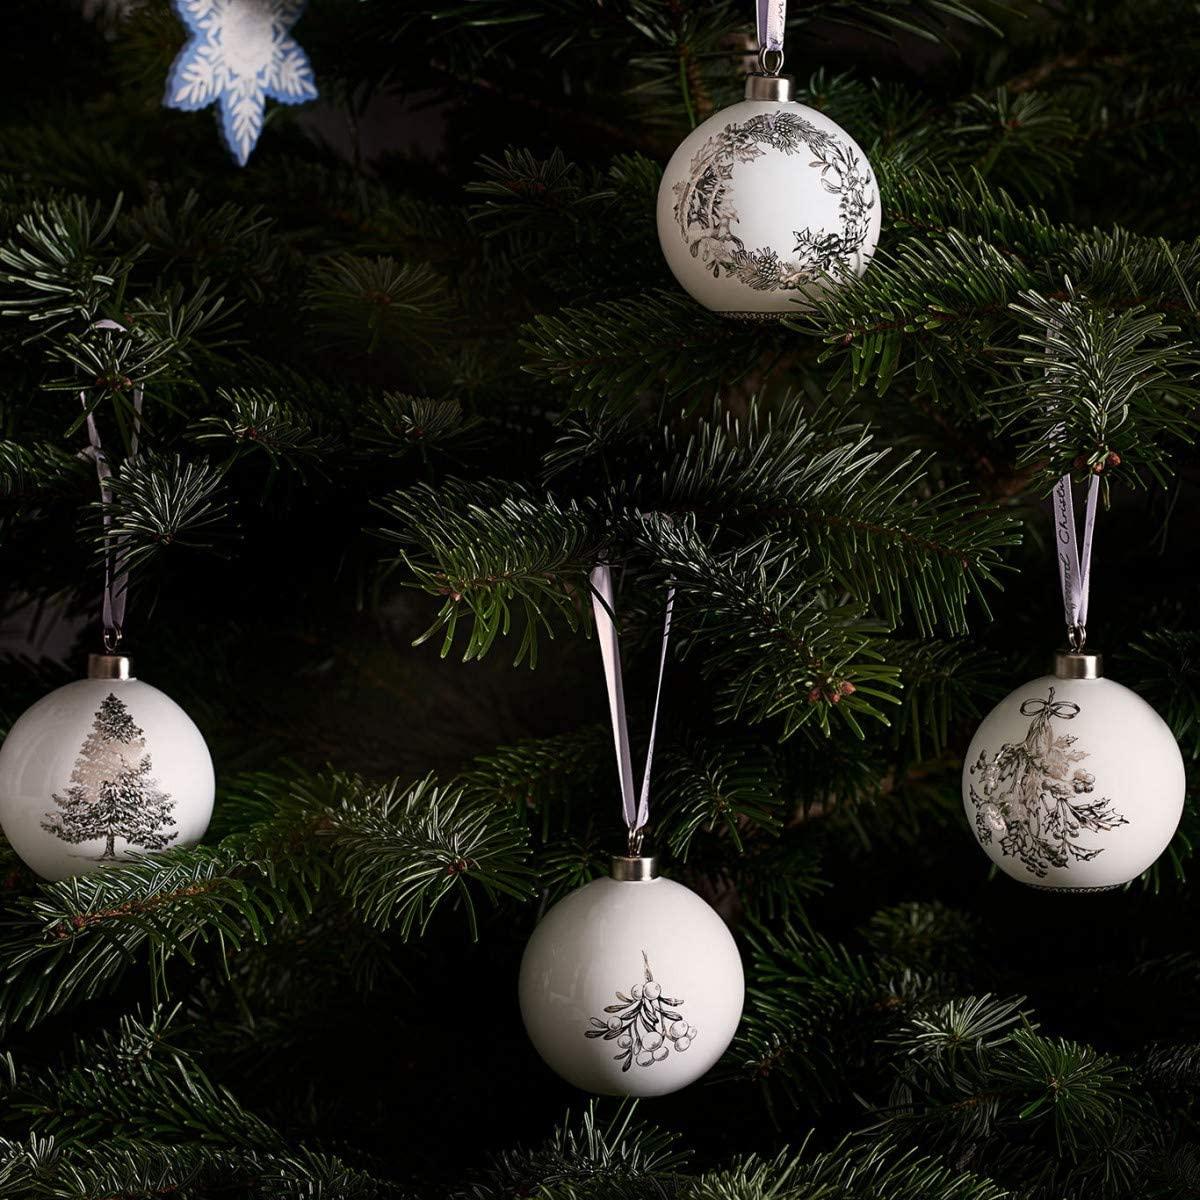 Wedgwood 2019 Fine Bone China Ornaments - Wreath